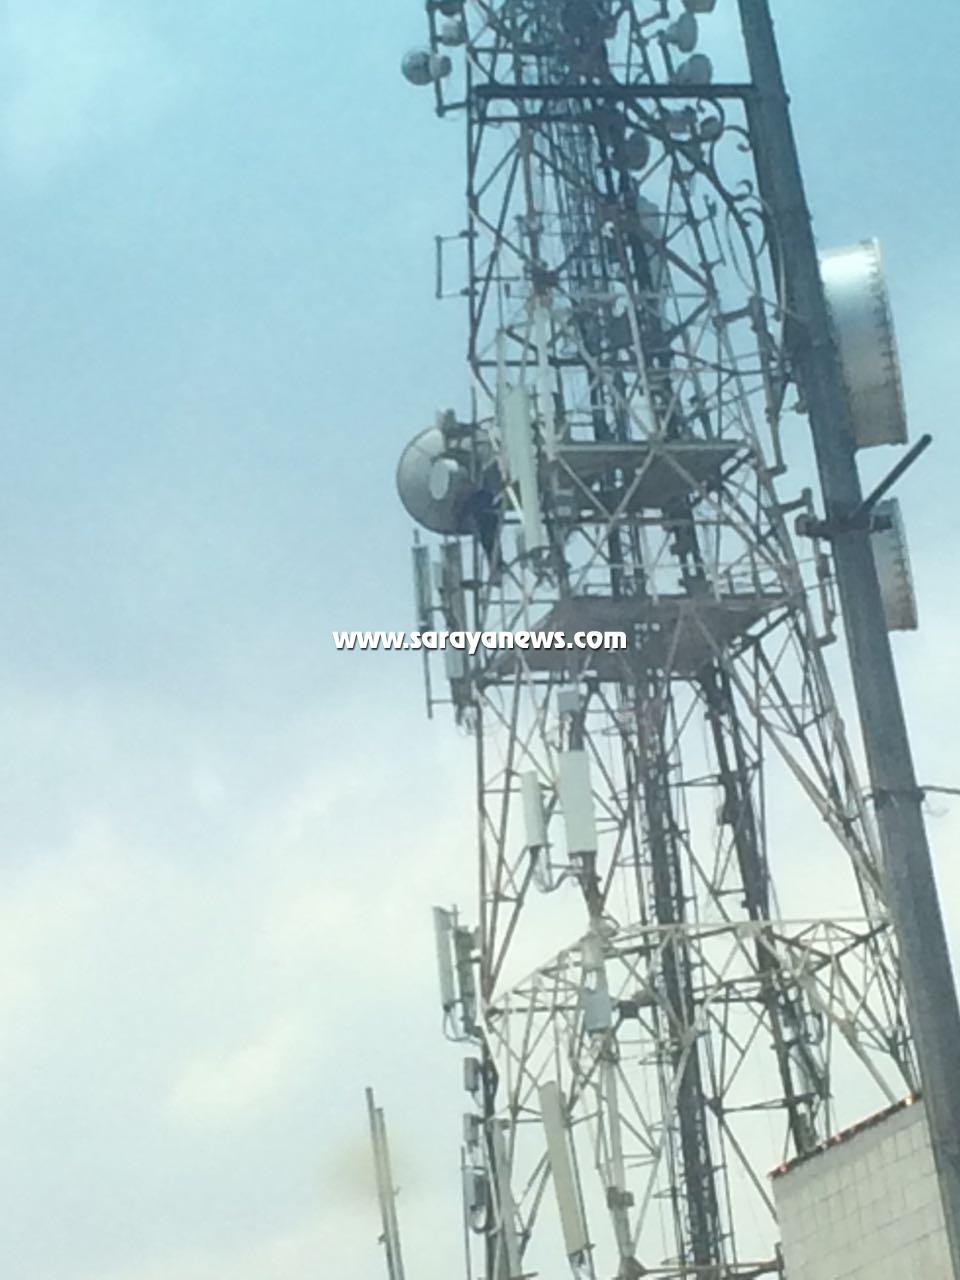 بالفيديو و الصور  ..  شاب يهدد بالانتحار بالقفز عن برج البريد في العقبة